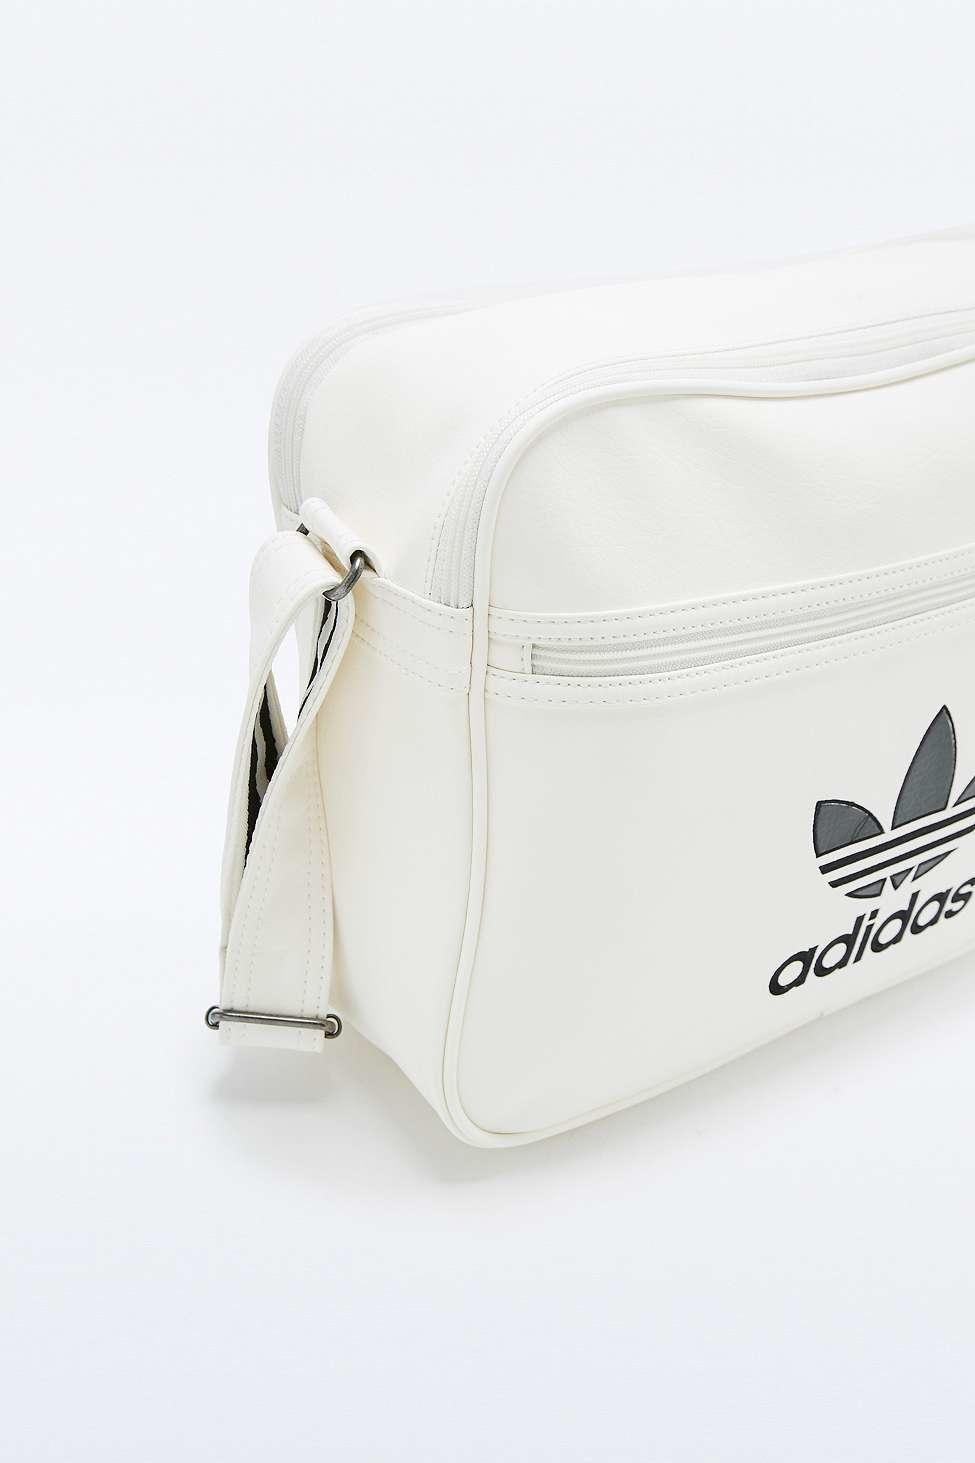 54546f9b3c77 adidas Originals Classic White Airliner Bag in White - Lyst